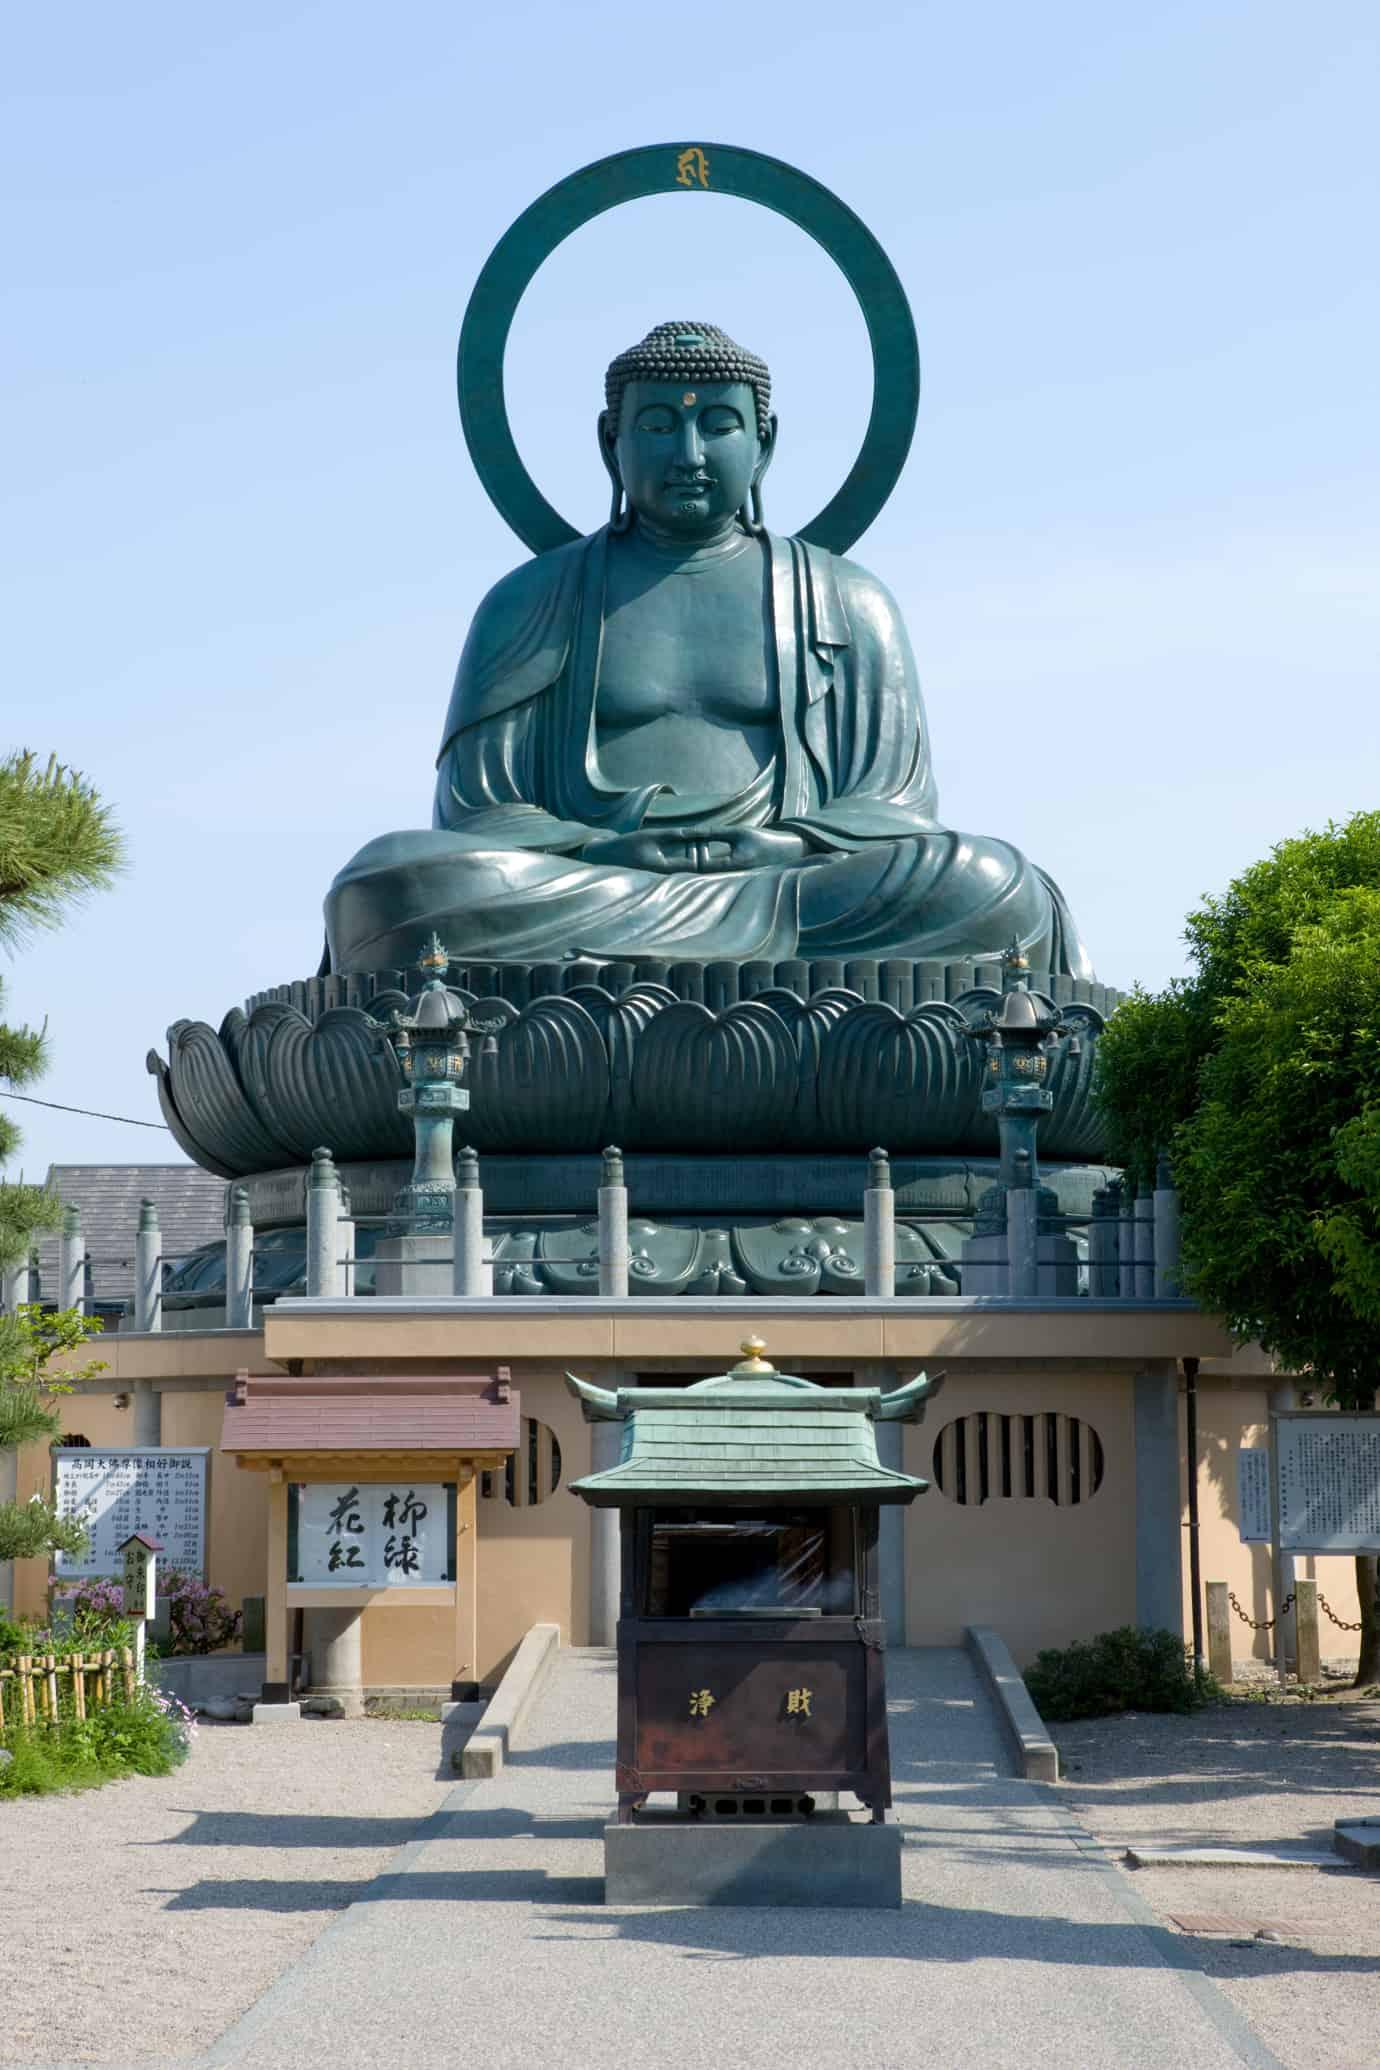 พระใหญ่เมืองทากาโอกะ (The Great Buddha of Takaoka)